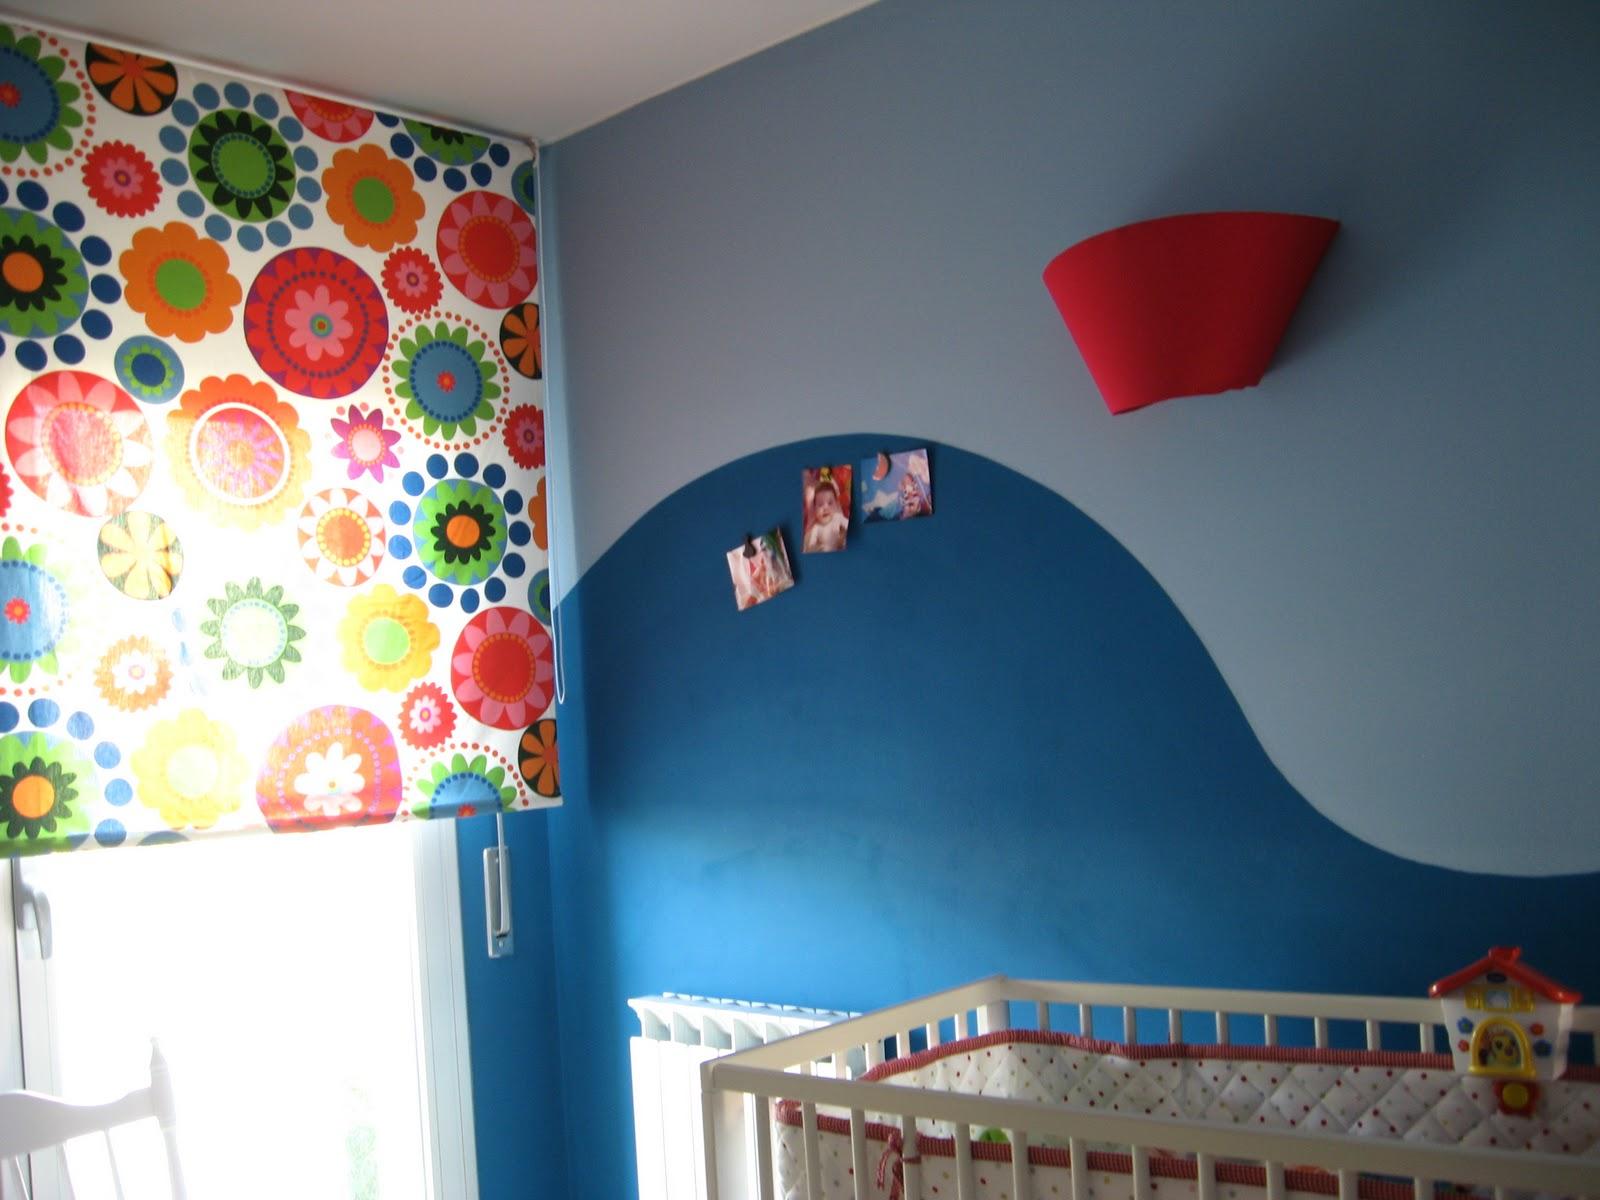 Decorazioni Pareti Bimbi. Disegno Idea Murales Per Camerette With Decorare Camera Bambini With ...